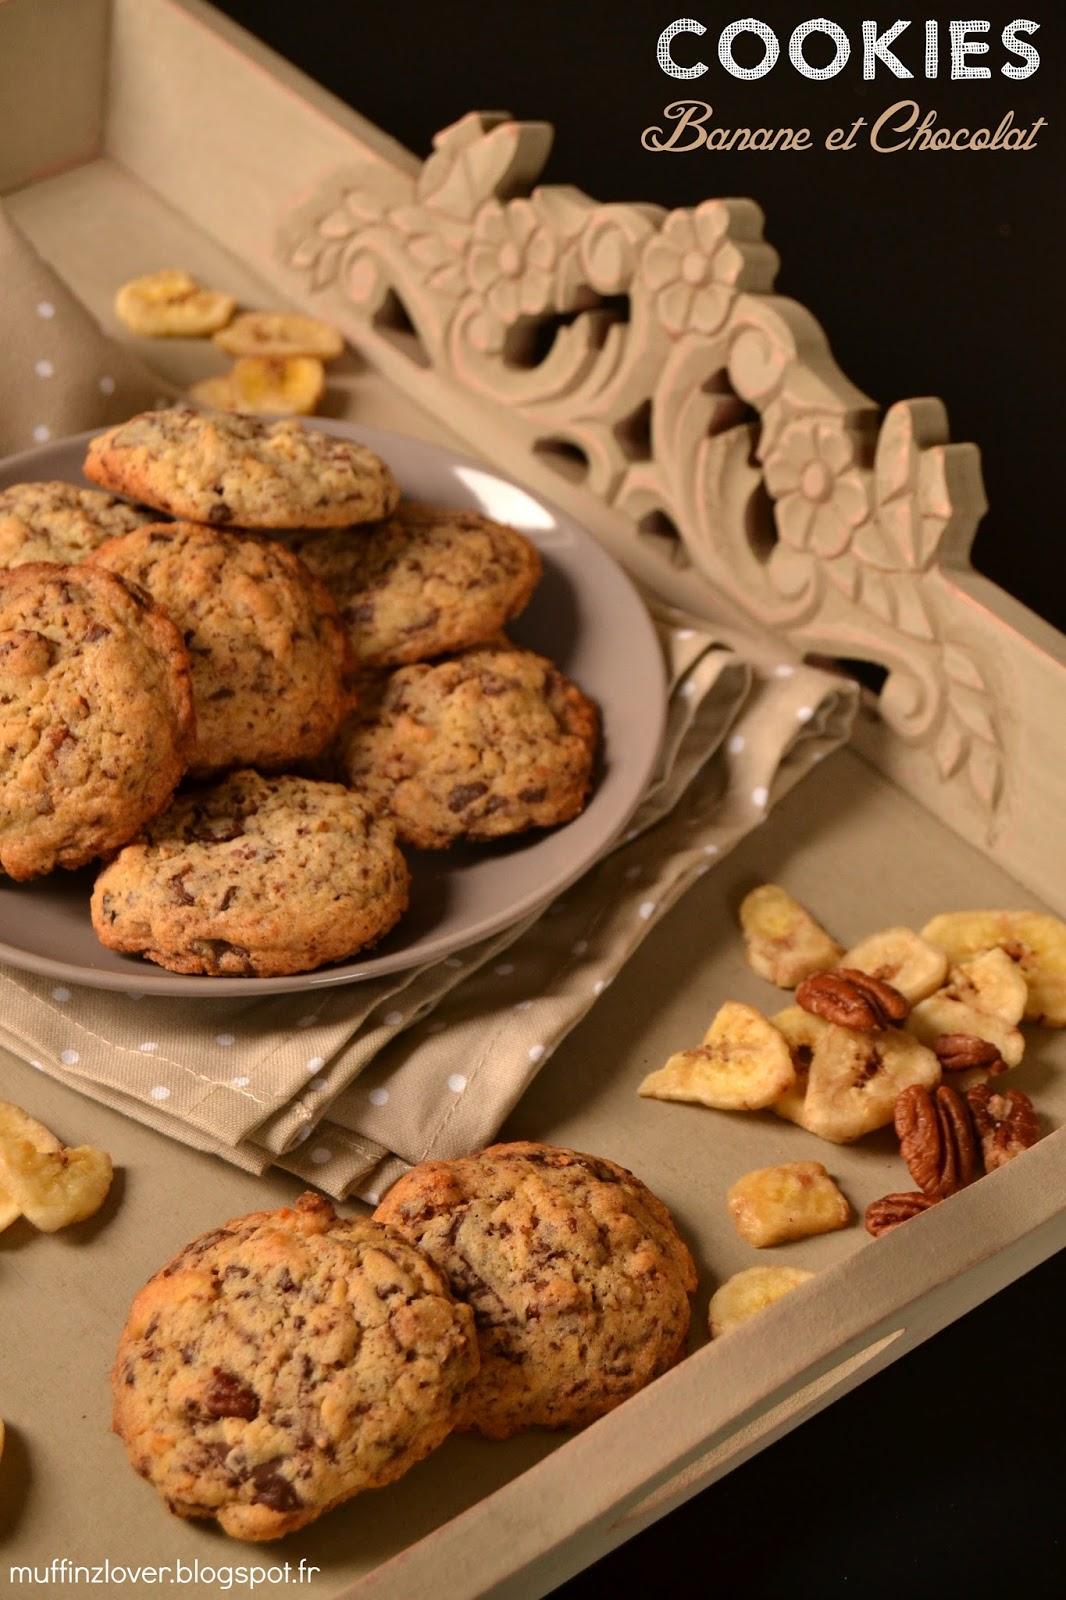 Recette Cookies banane & chocolat - muffinzlover.blogspot.fr